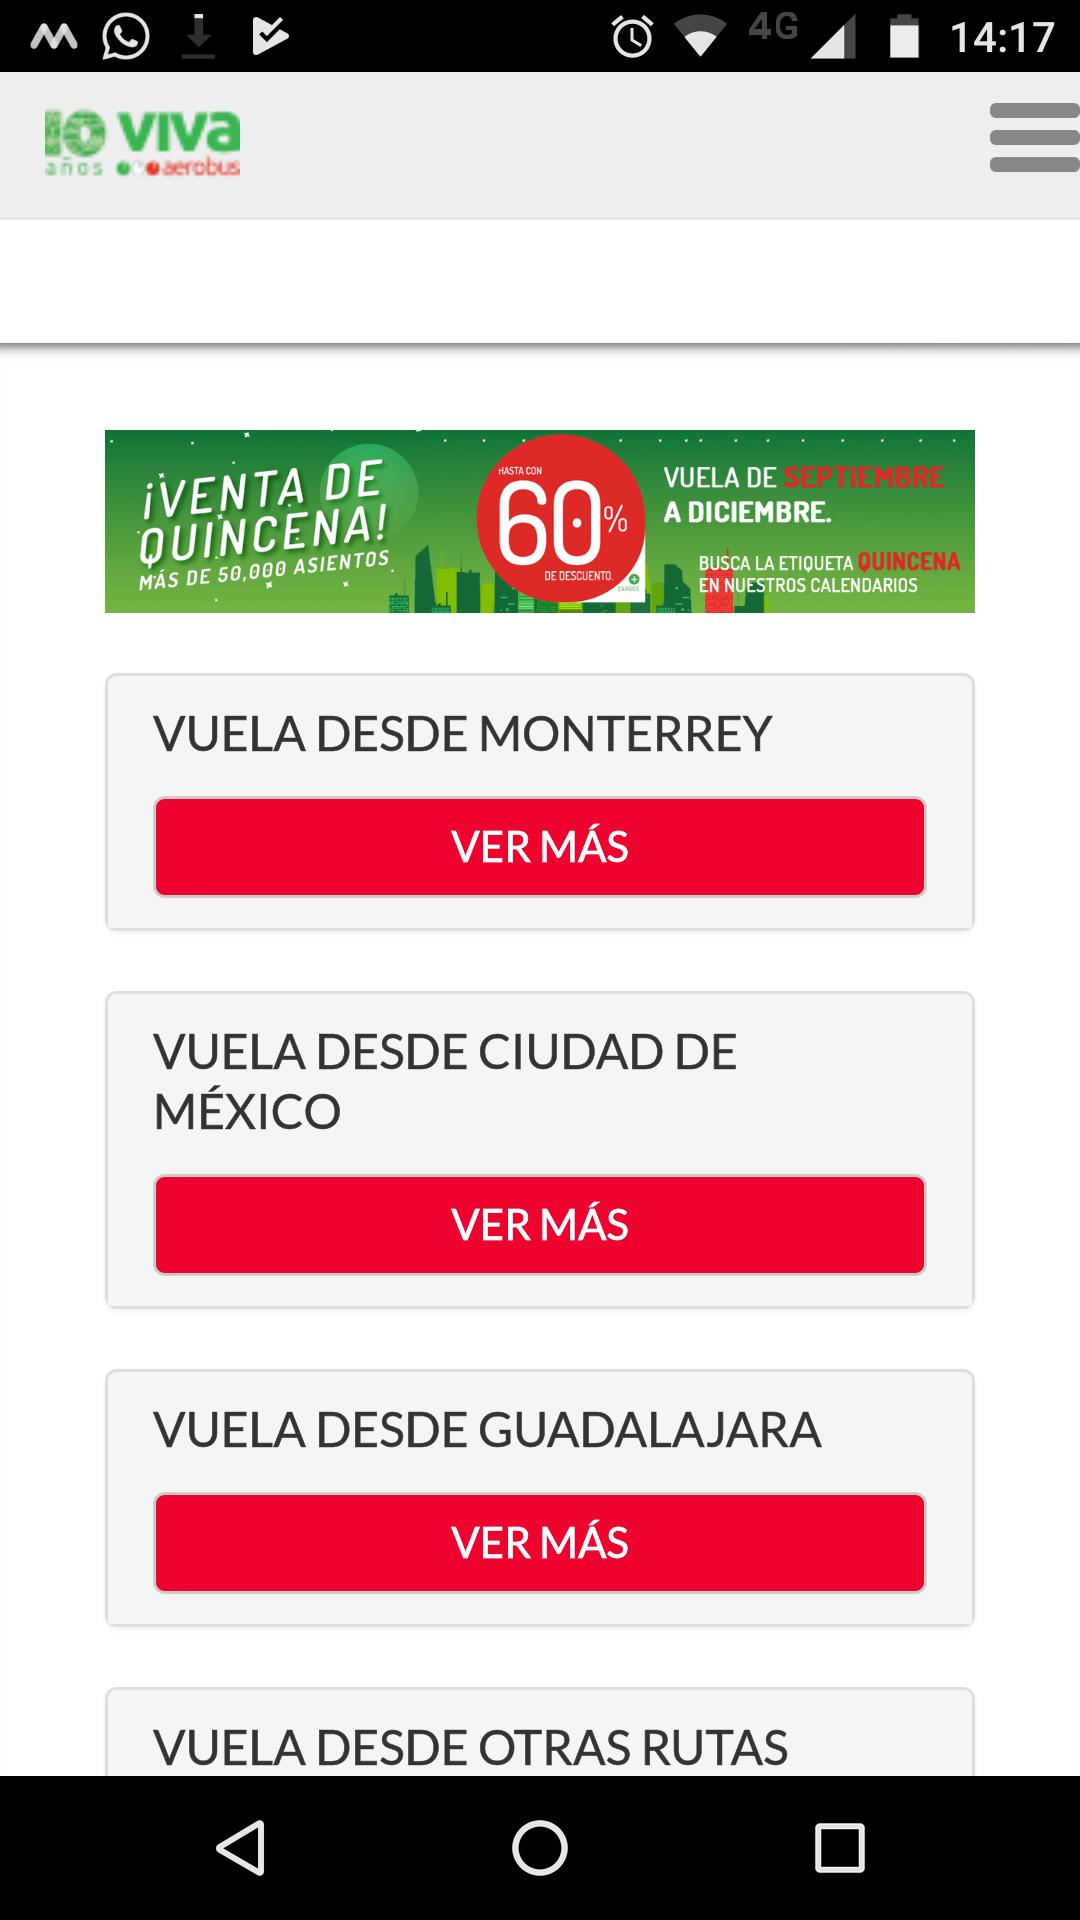 Vivaerobus: venta de quincena, Vuelos con descuento de hasta 60%